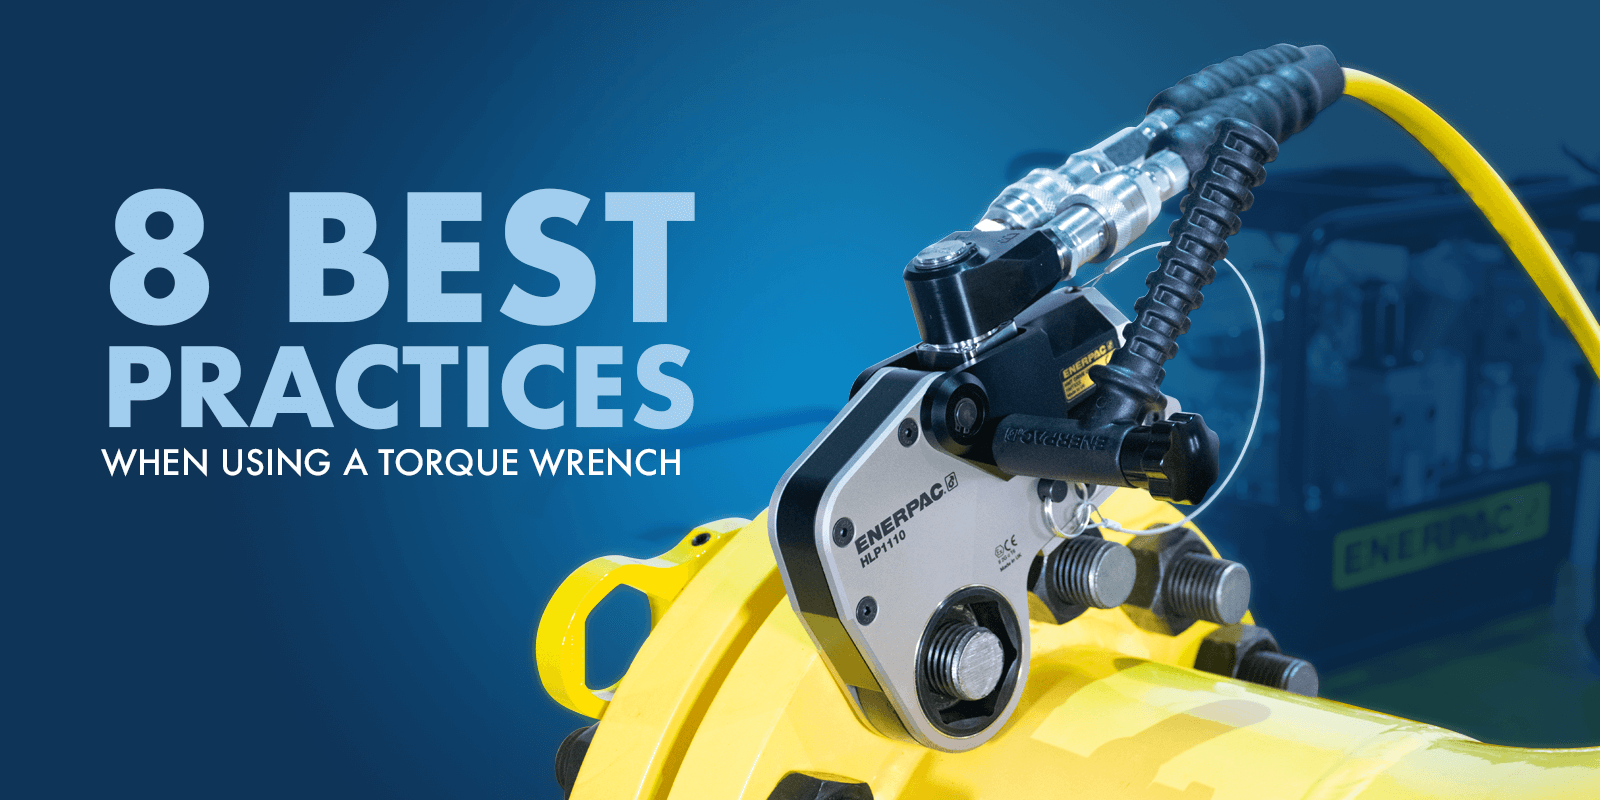 8-Best-Practices torque wrench